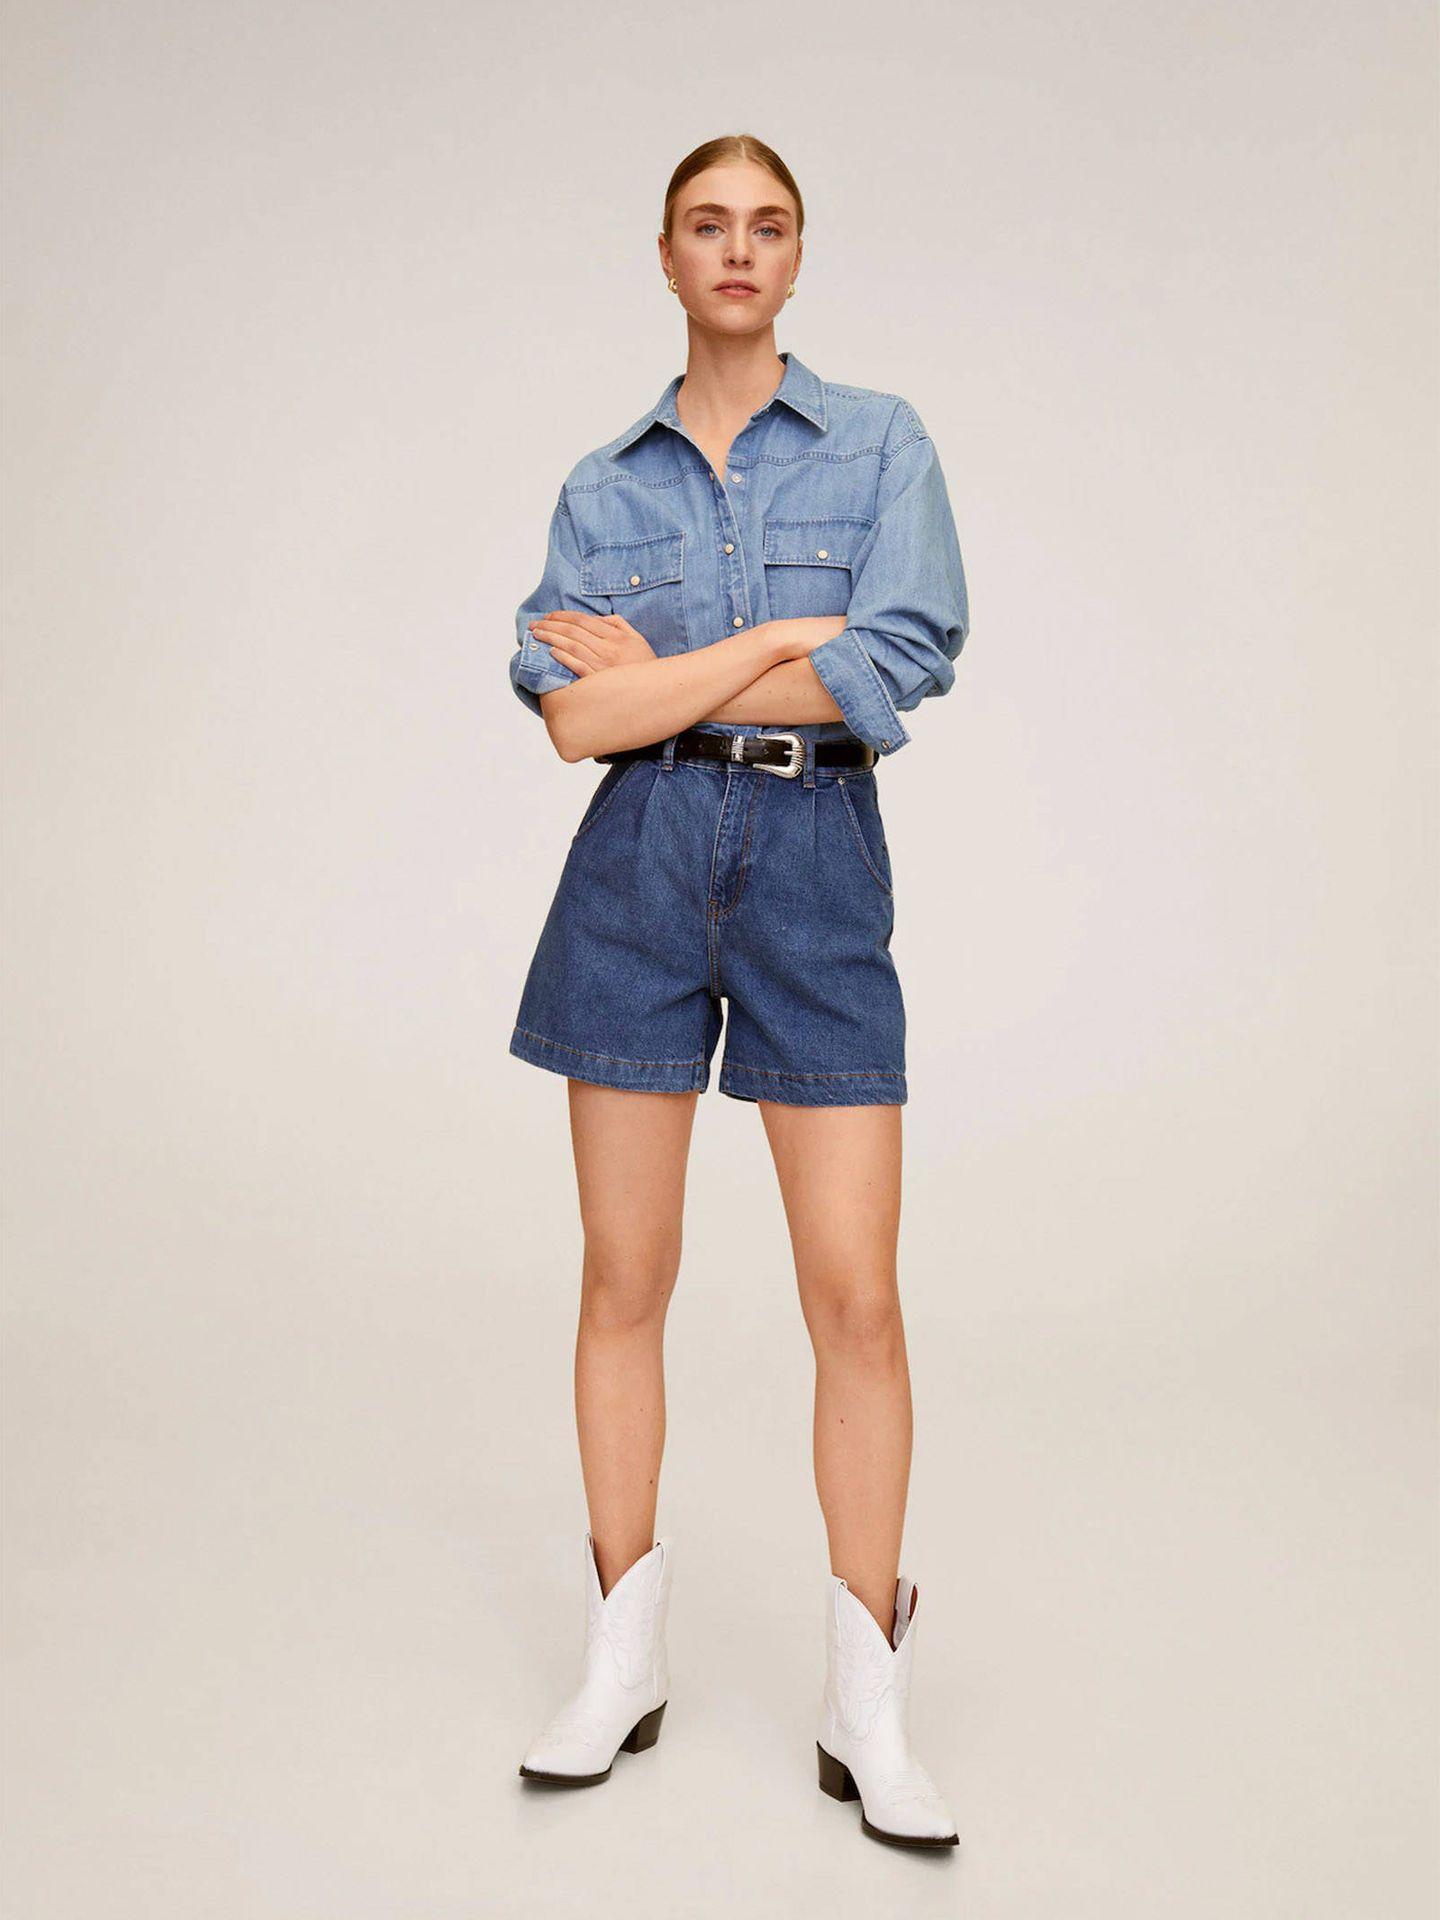 Pantalones cortos de Mango Outlet. (Cortesía)